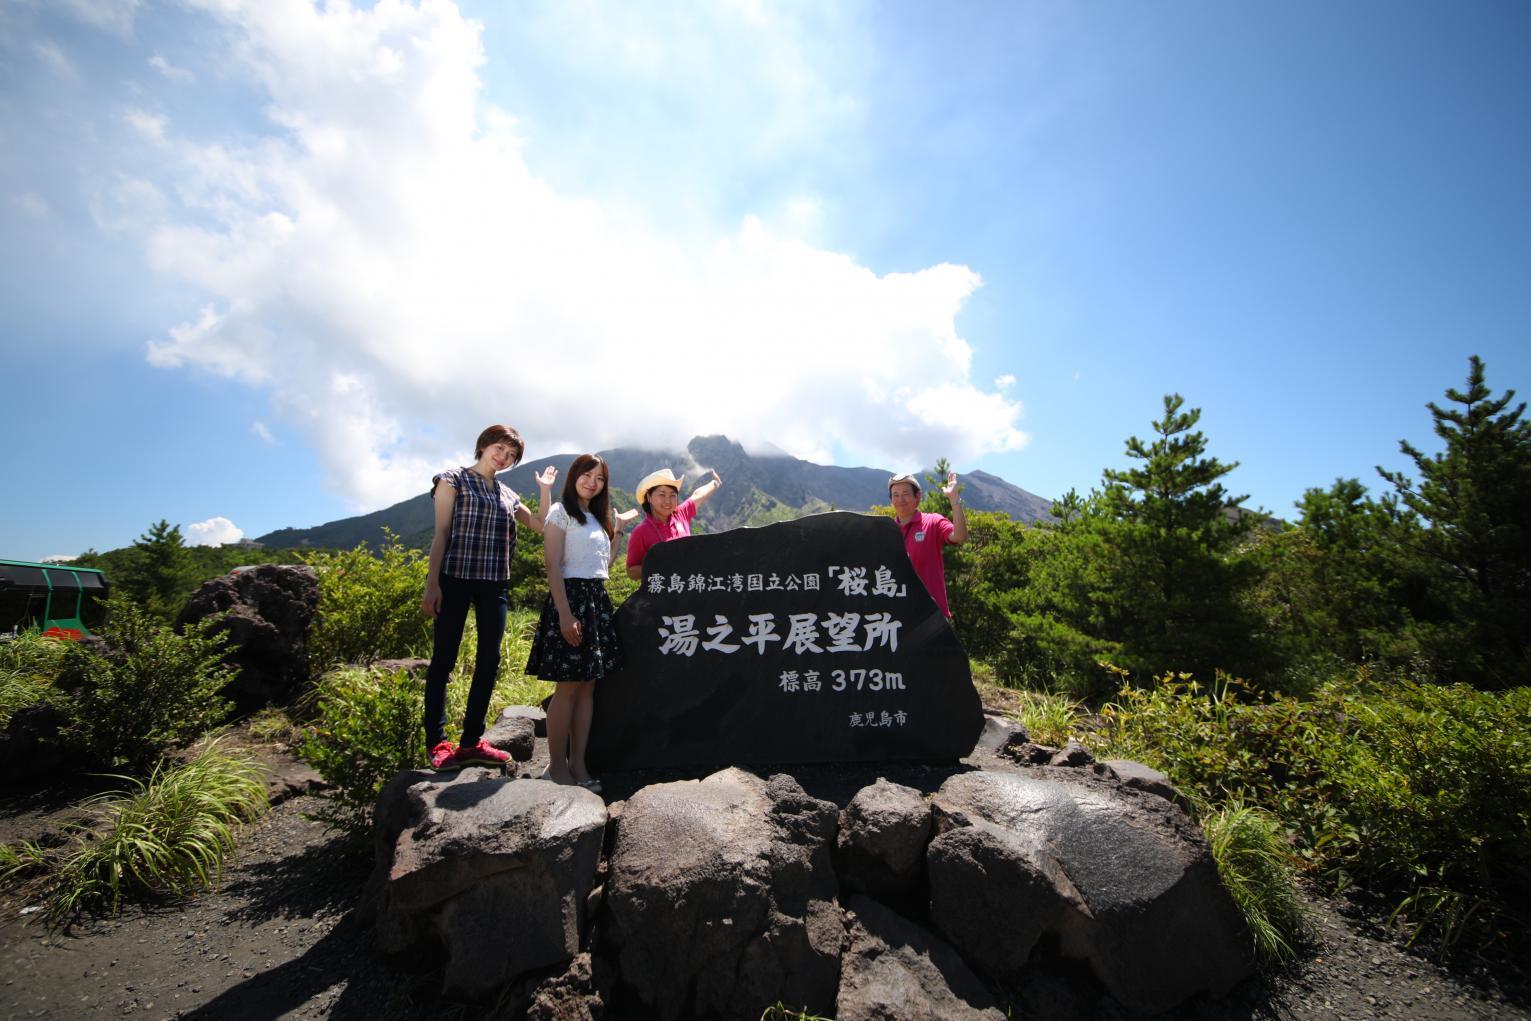 桜島ジオサルク ガイドと行く!ジオ満喫コース-1